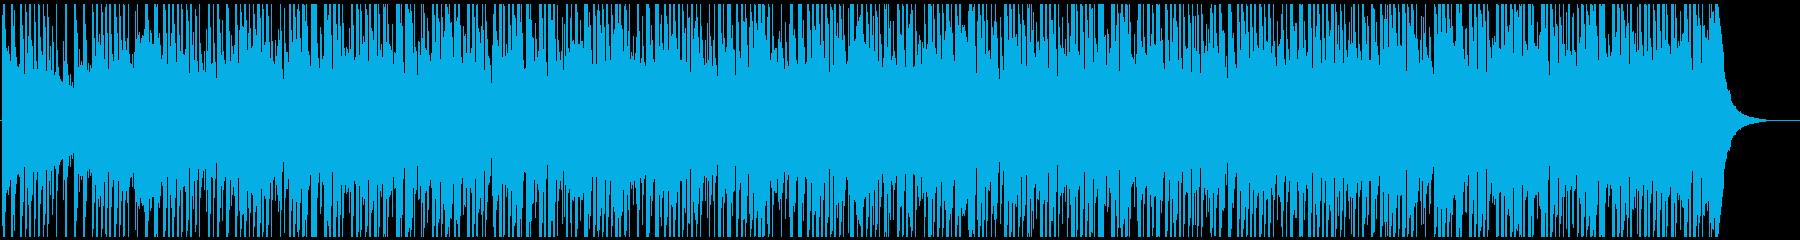 楽しく明るいウクレレ口笛 企業向かわいいの再生済みの波形